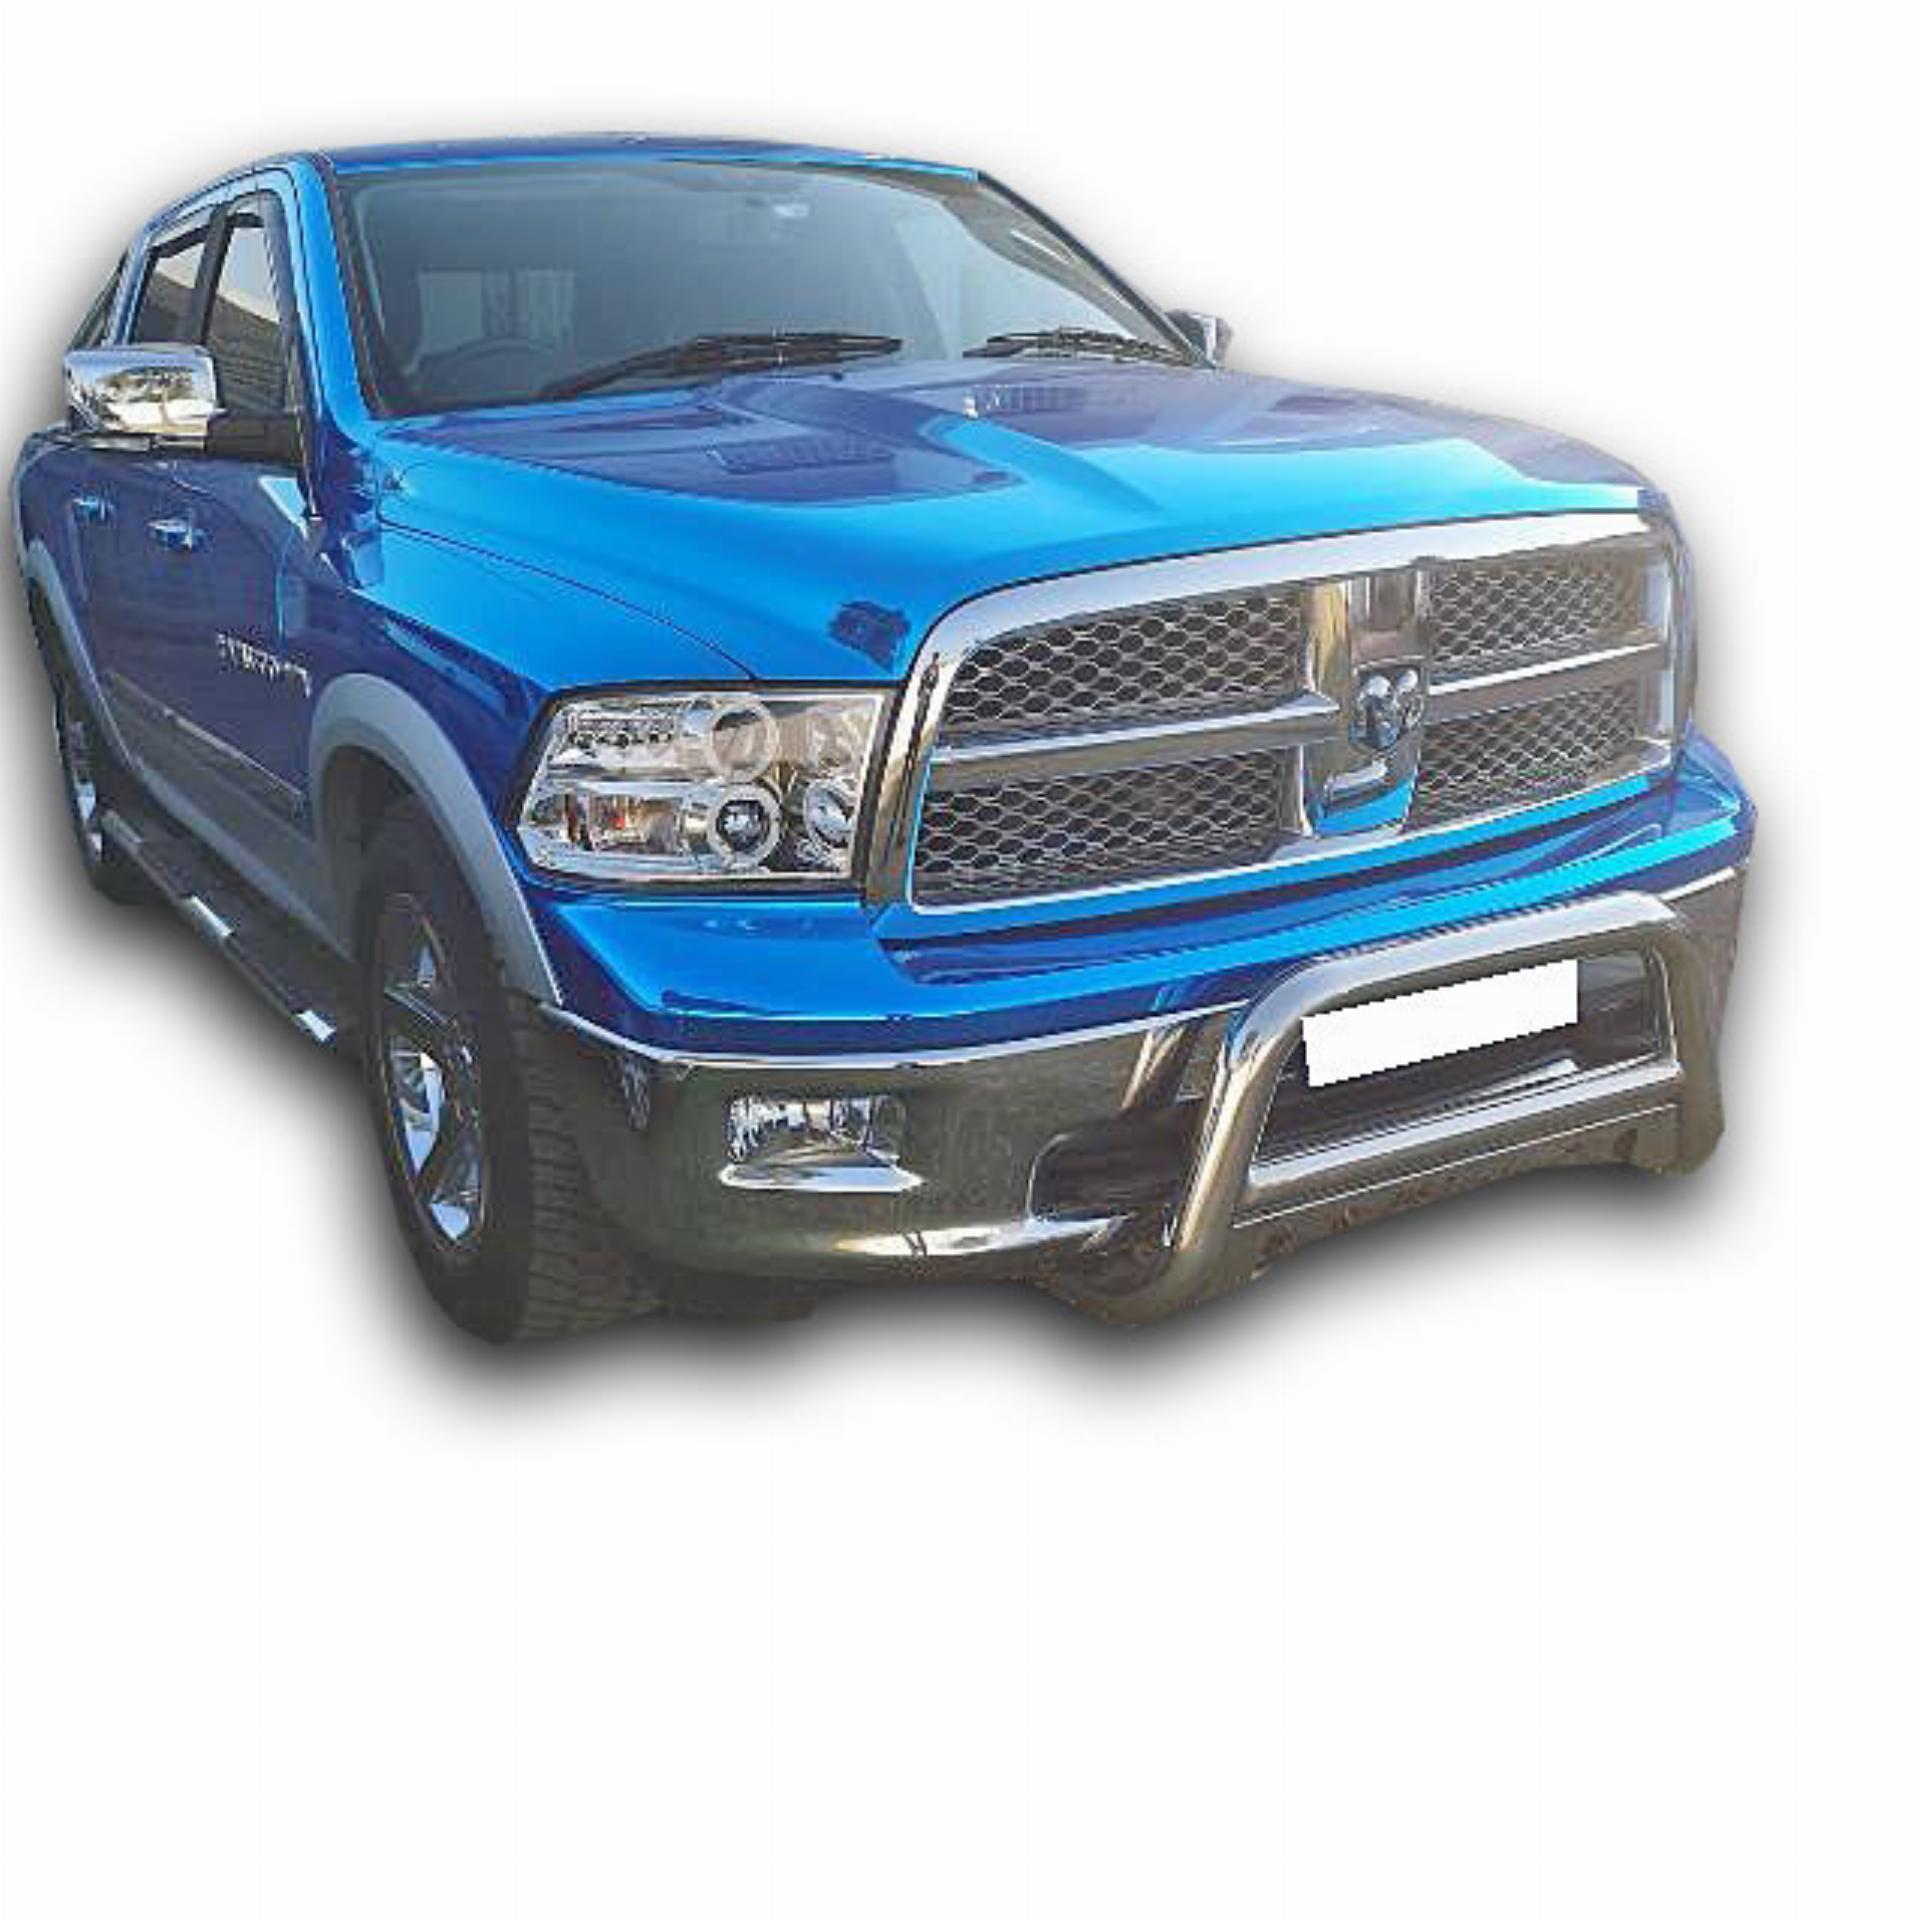 Dodge Ram 1500 5.7LITRE Hemi